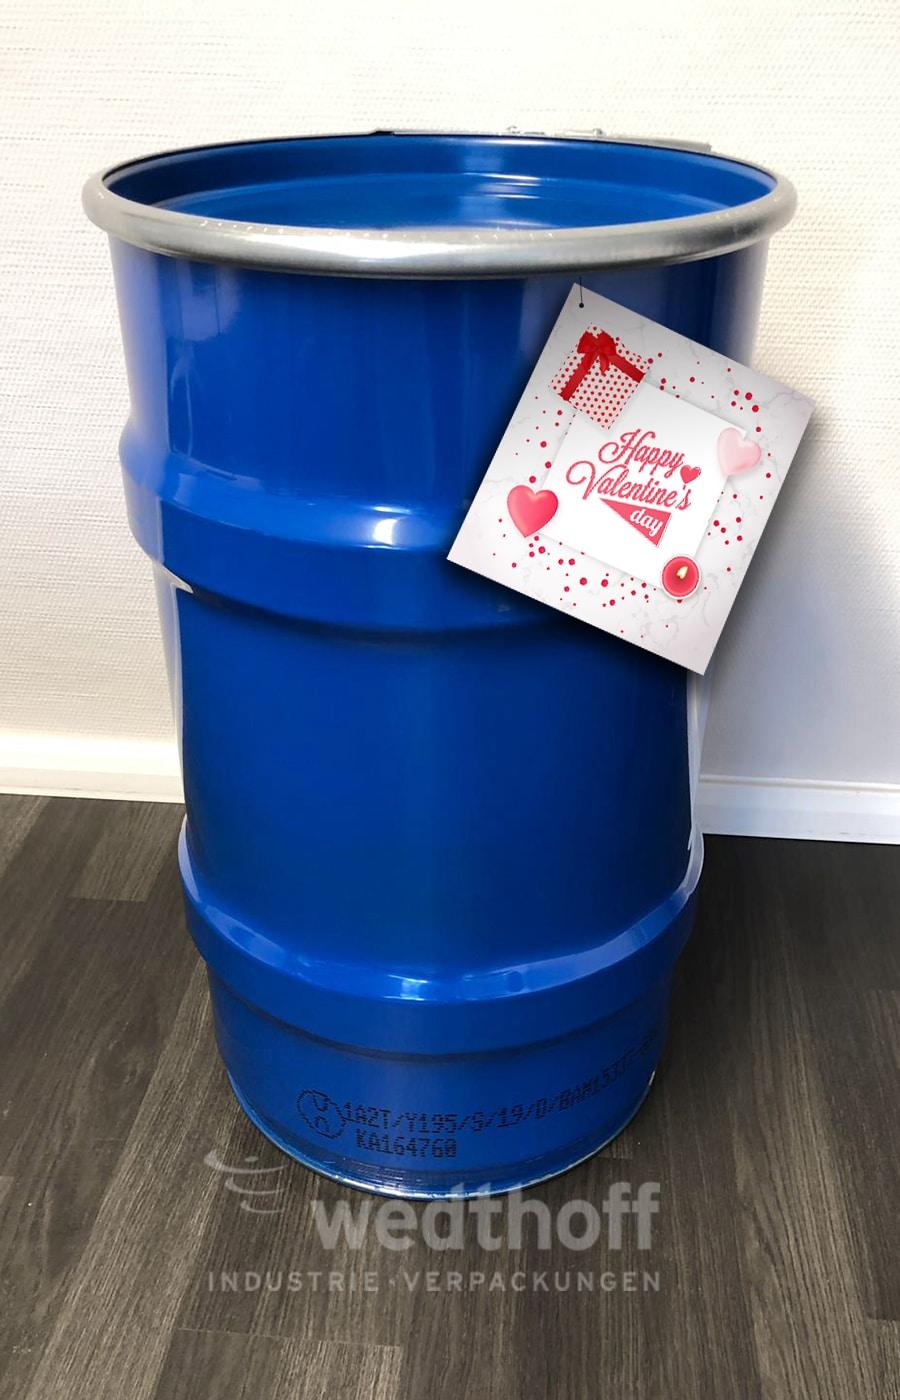 Bergungsverpackungen · Bergungsfass 123 Liter. Gefahrgutverpackung für Feuerwehr, THW, Flughäfen und Unfälle mit Bergung